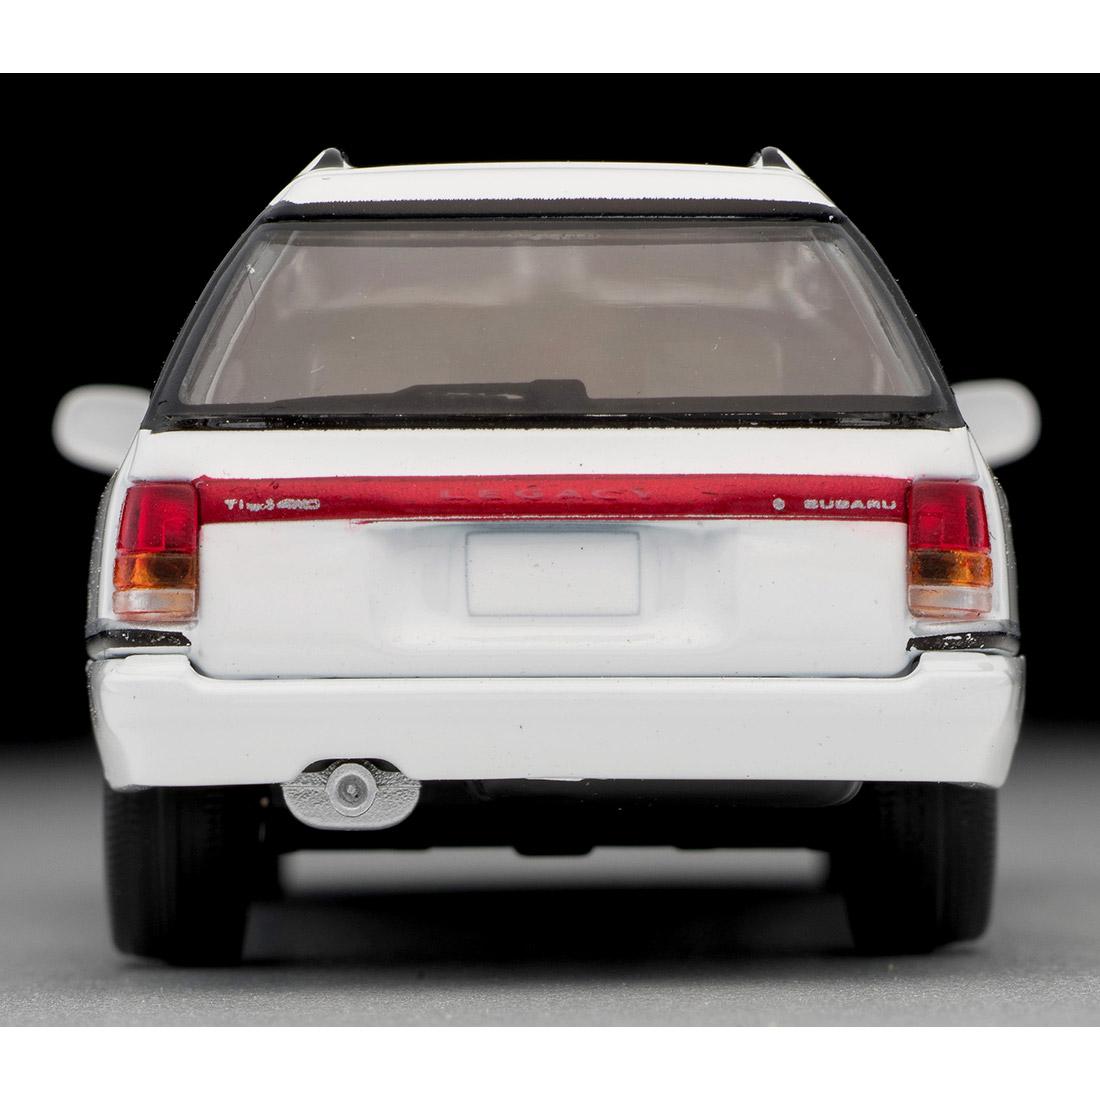 トミカリミテッド ヴィンテージ ネオ TLV-NEO『LV-N220a スバル レガシィ ツーリングワゴン Ti type S(白)』1/64 ミニカー-004